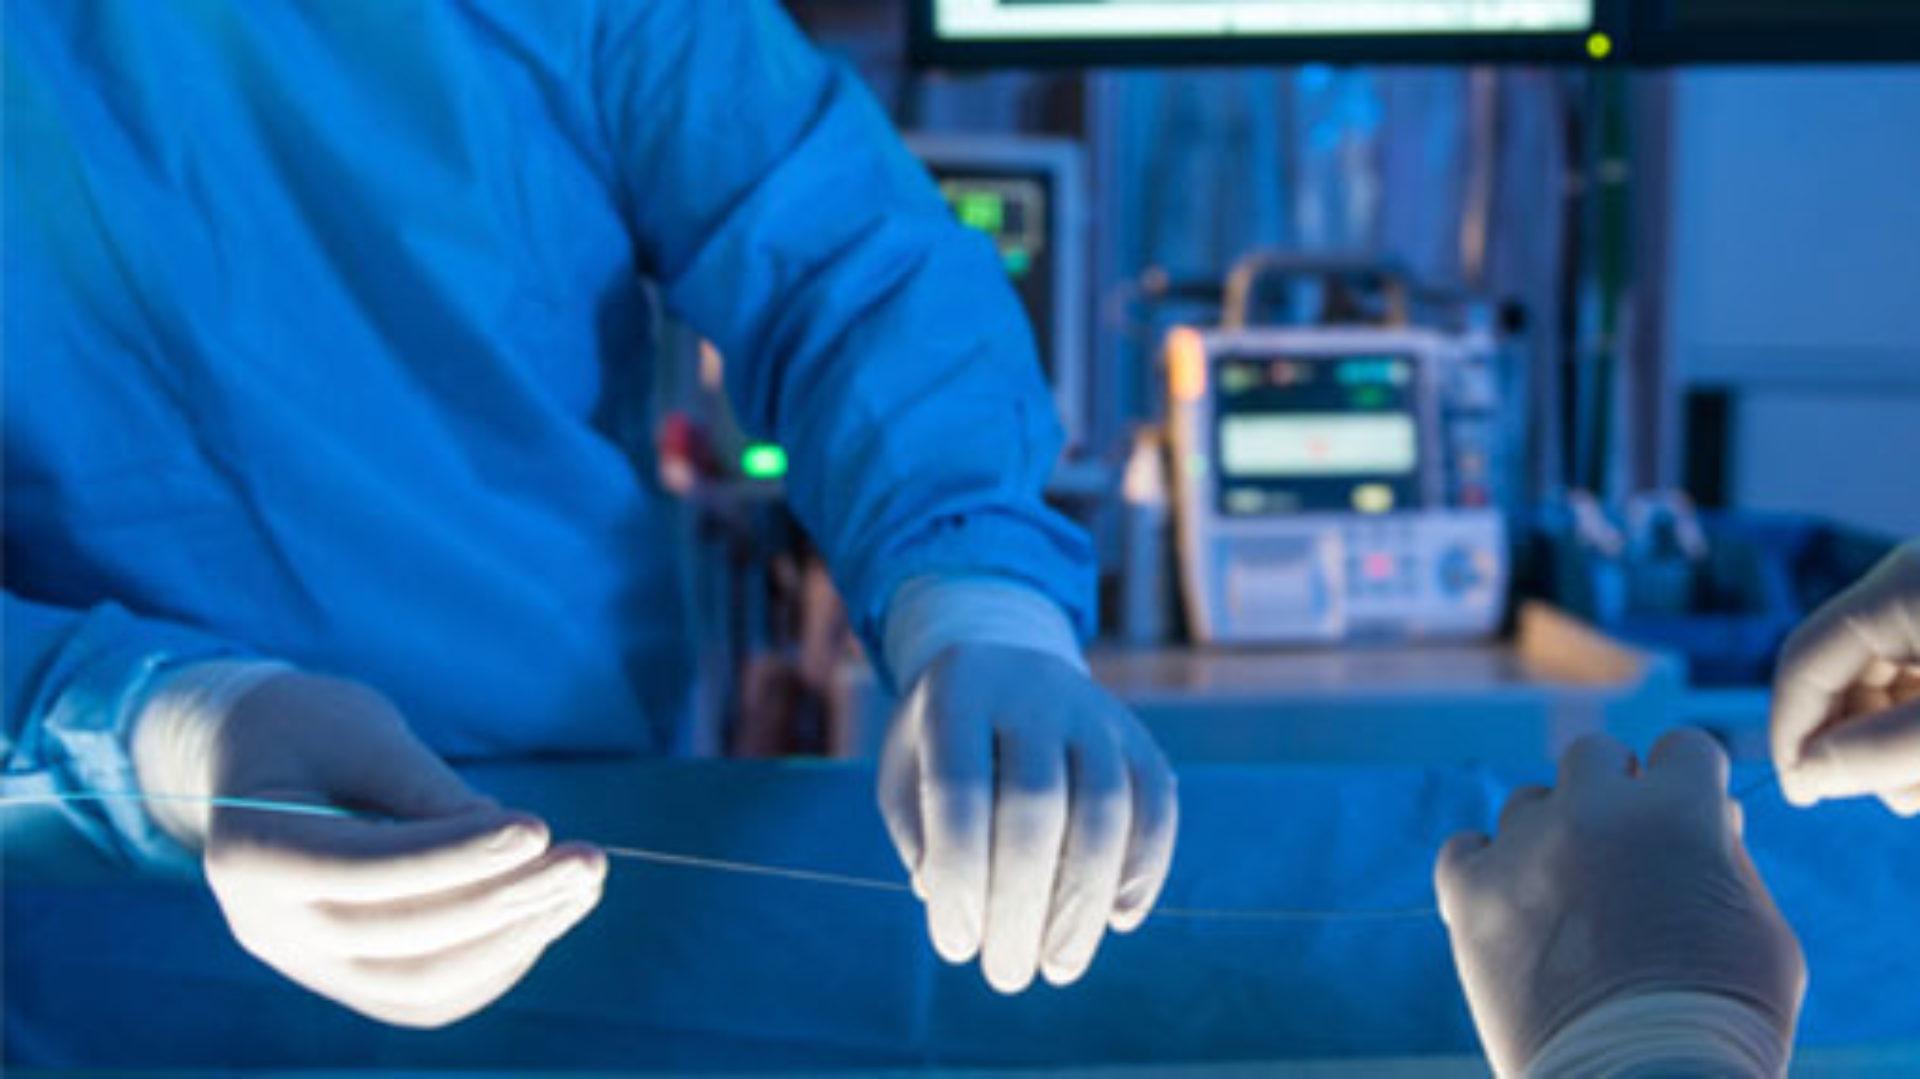 La Radiologie Interventionnelle : une Spécialité à Imapôle Lyon-Villeurbanne